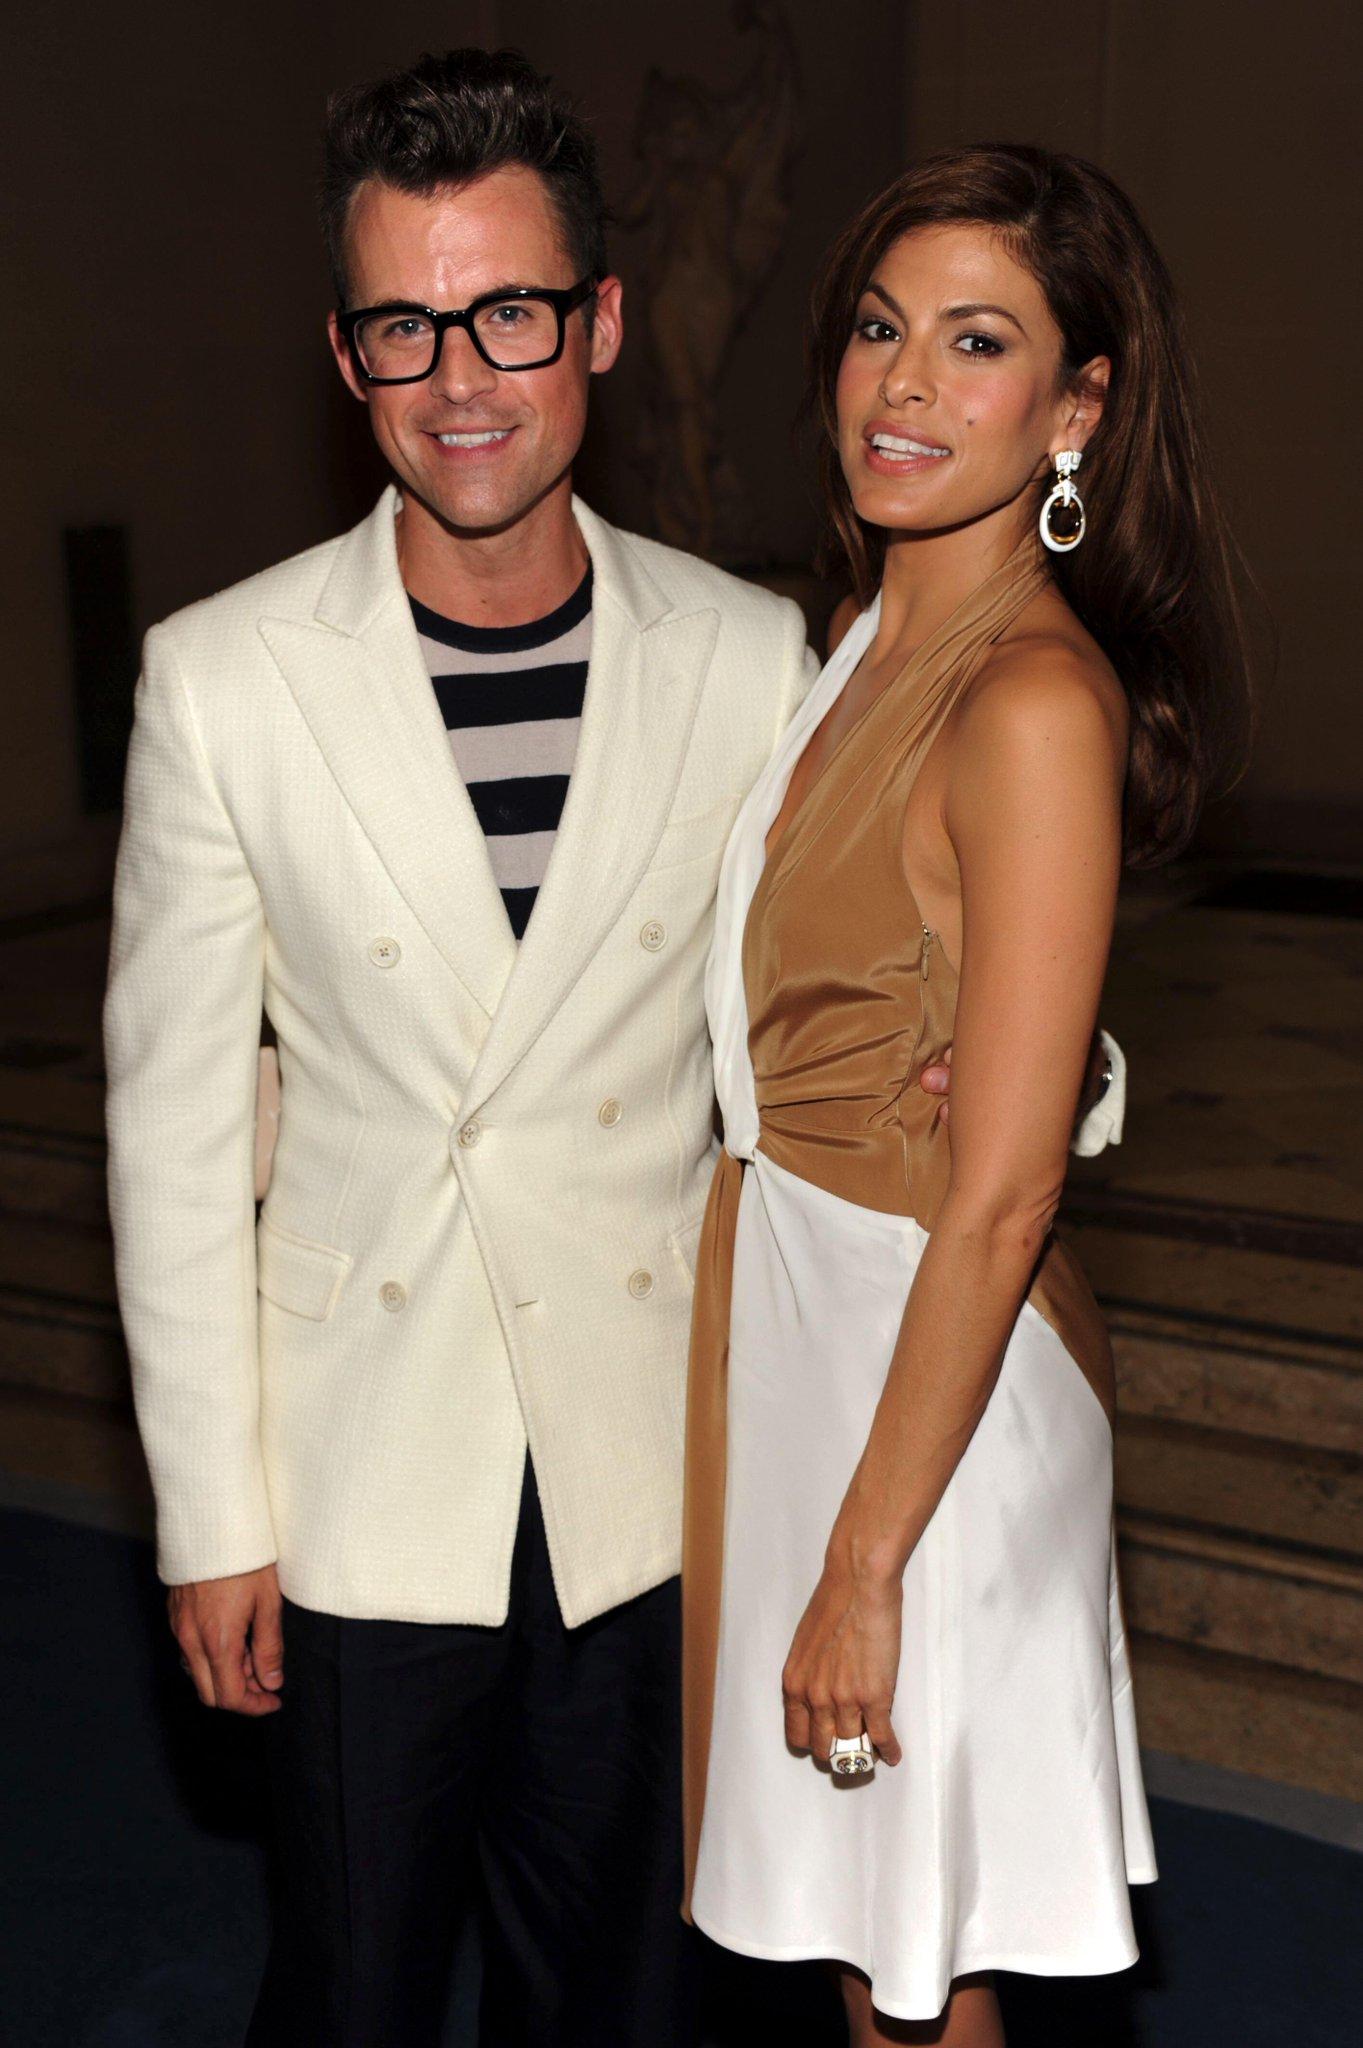 ¿Quién quiere un agente cuando ahora lo que importa es un buen estilista? La decisión de Hollywood. Mañana en S Moda http://t.co/cEaRd6JWom